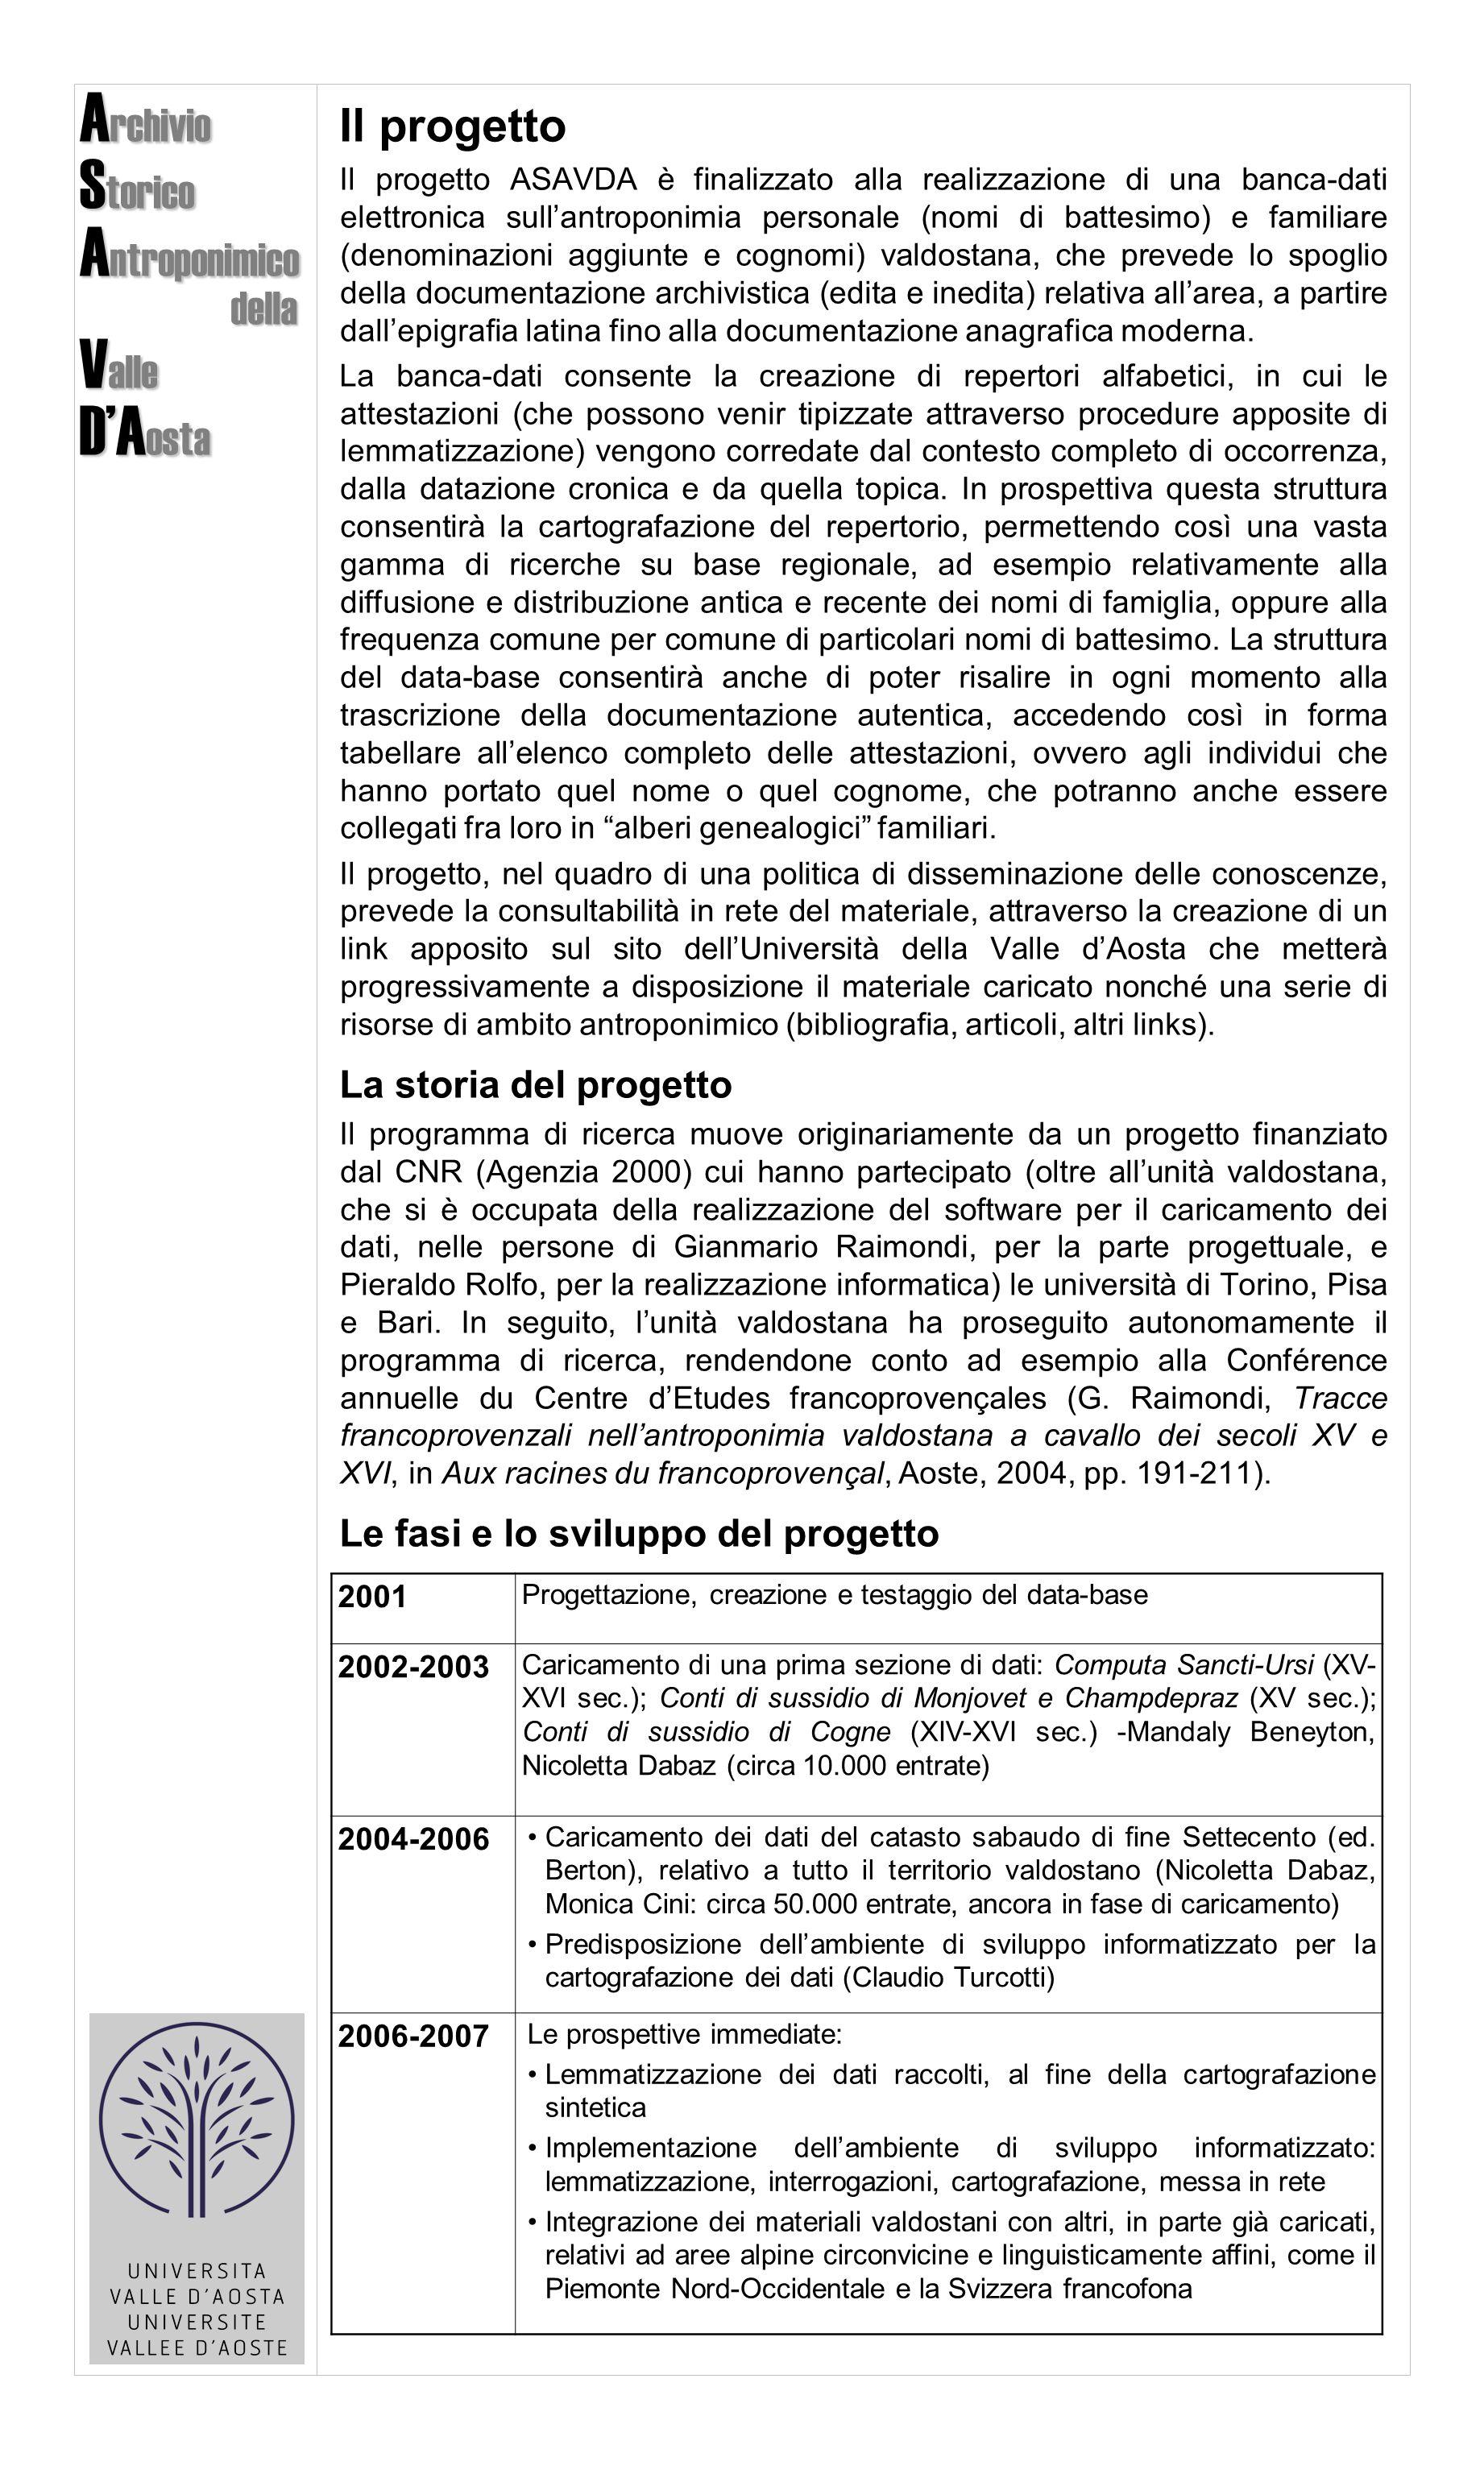 Archivio Storico Antroponimico Valle D'Aosta Il progetto della